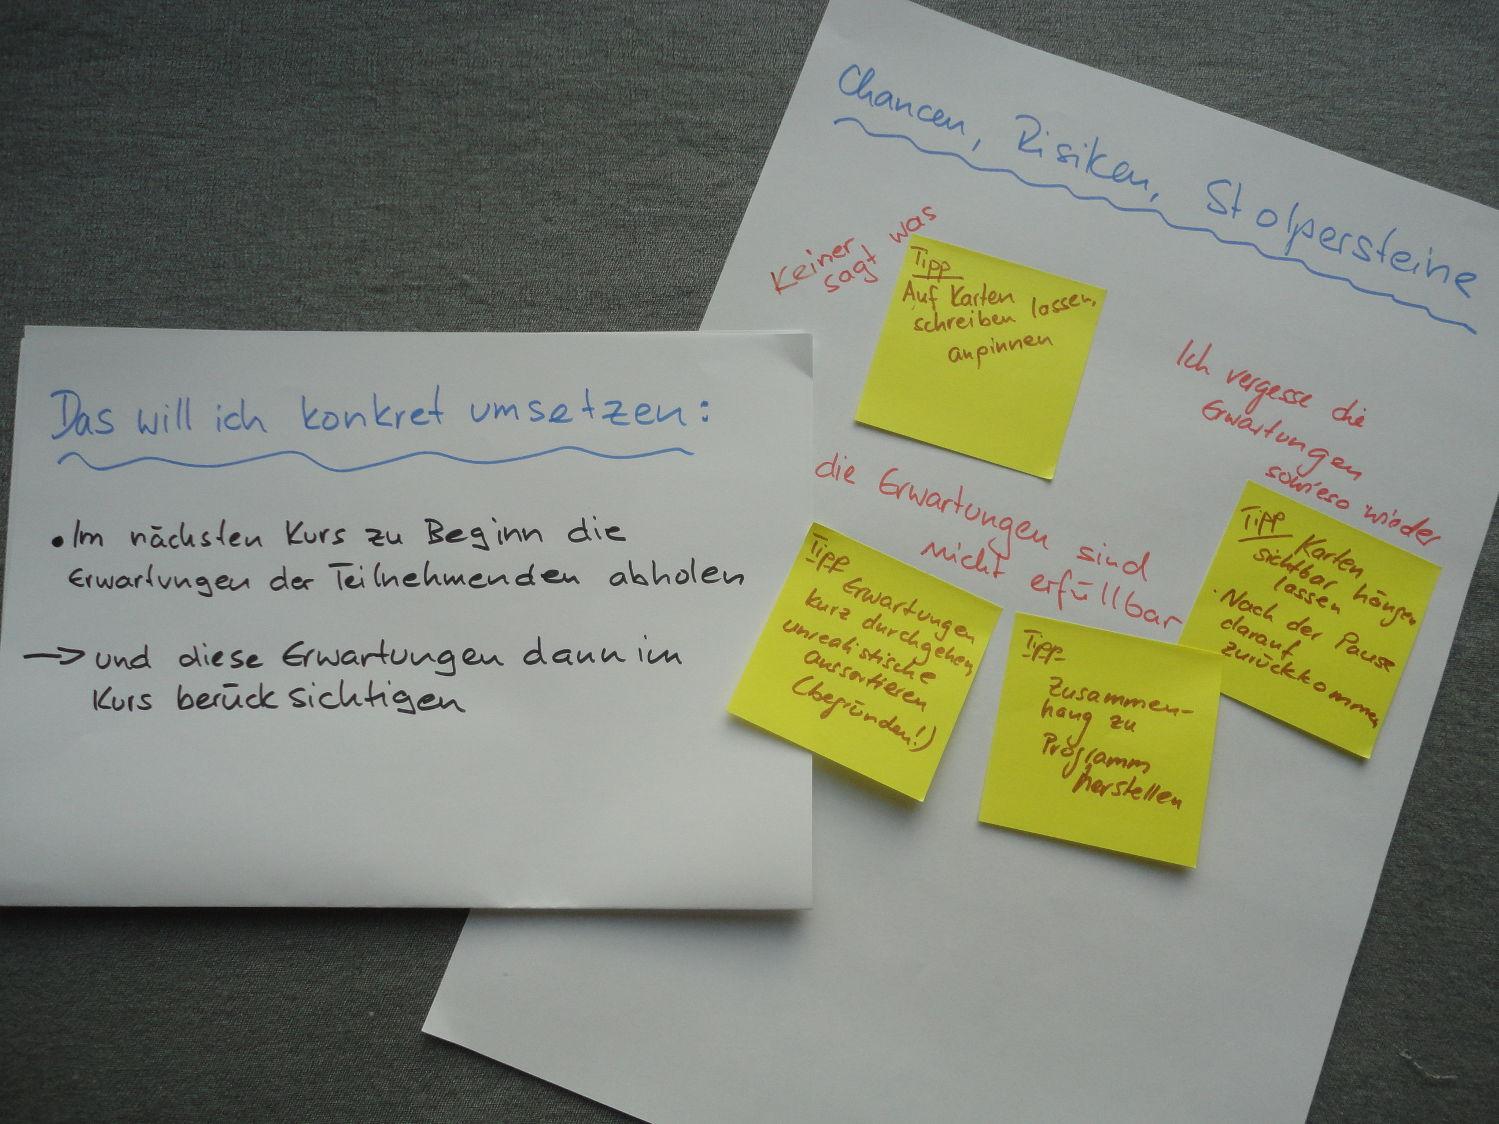 """Zwei Blätter mit Überschrift: """"Das will ich konkret umsetzen"""" und """"Chancen, Risiken, Stolpersteine"""""""